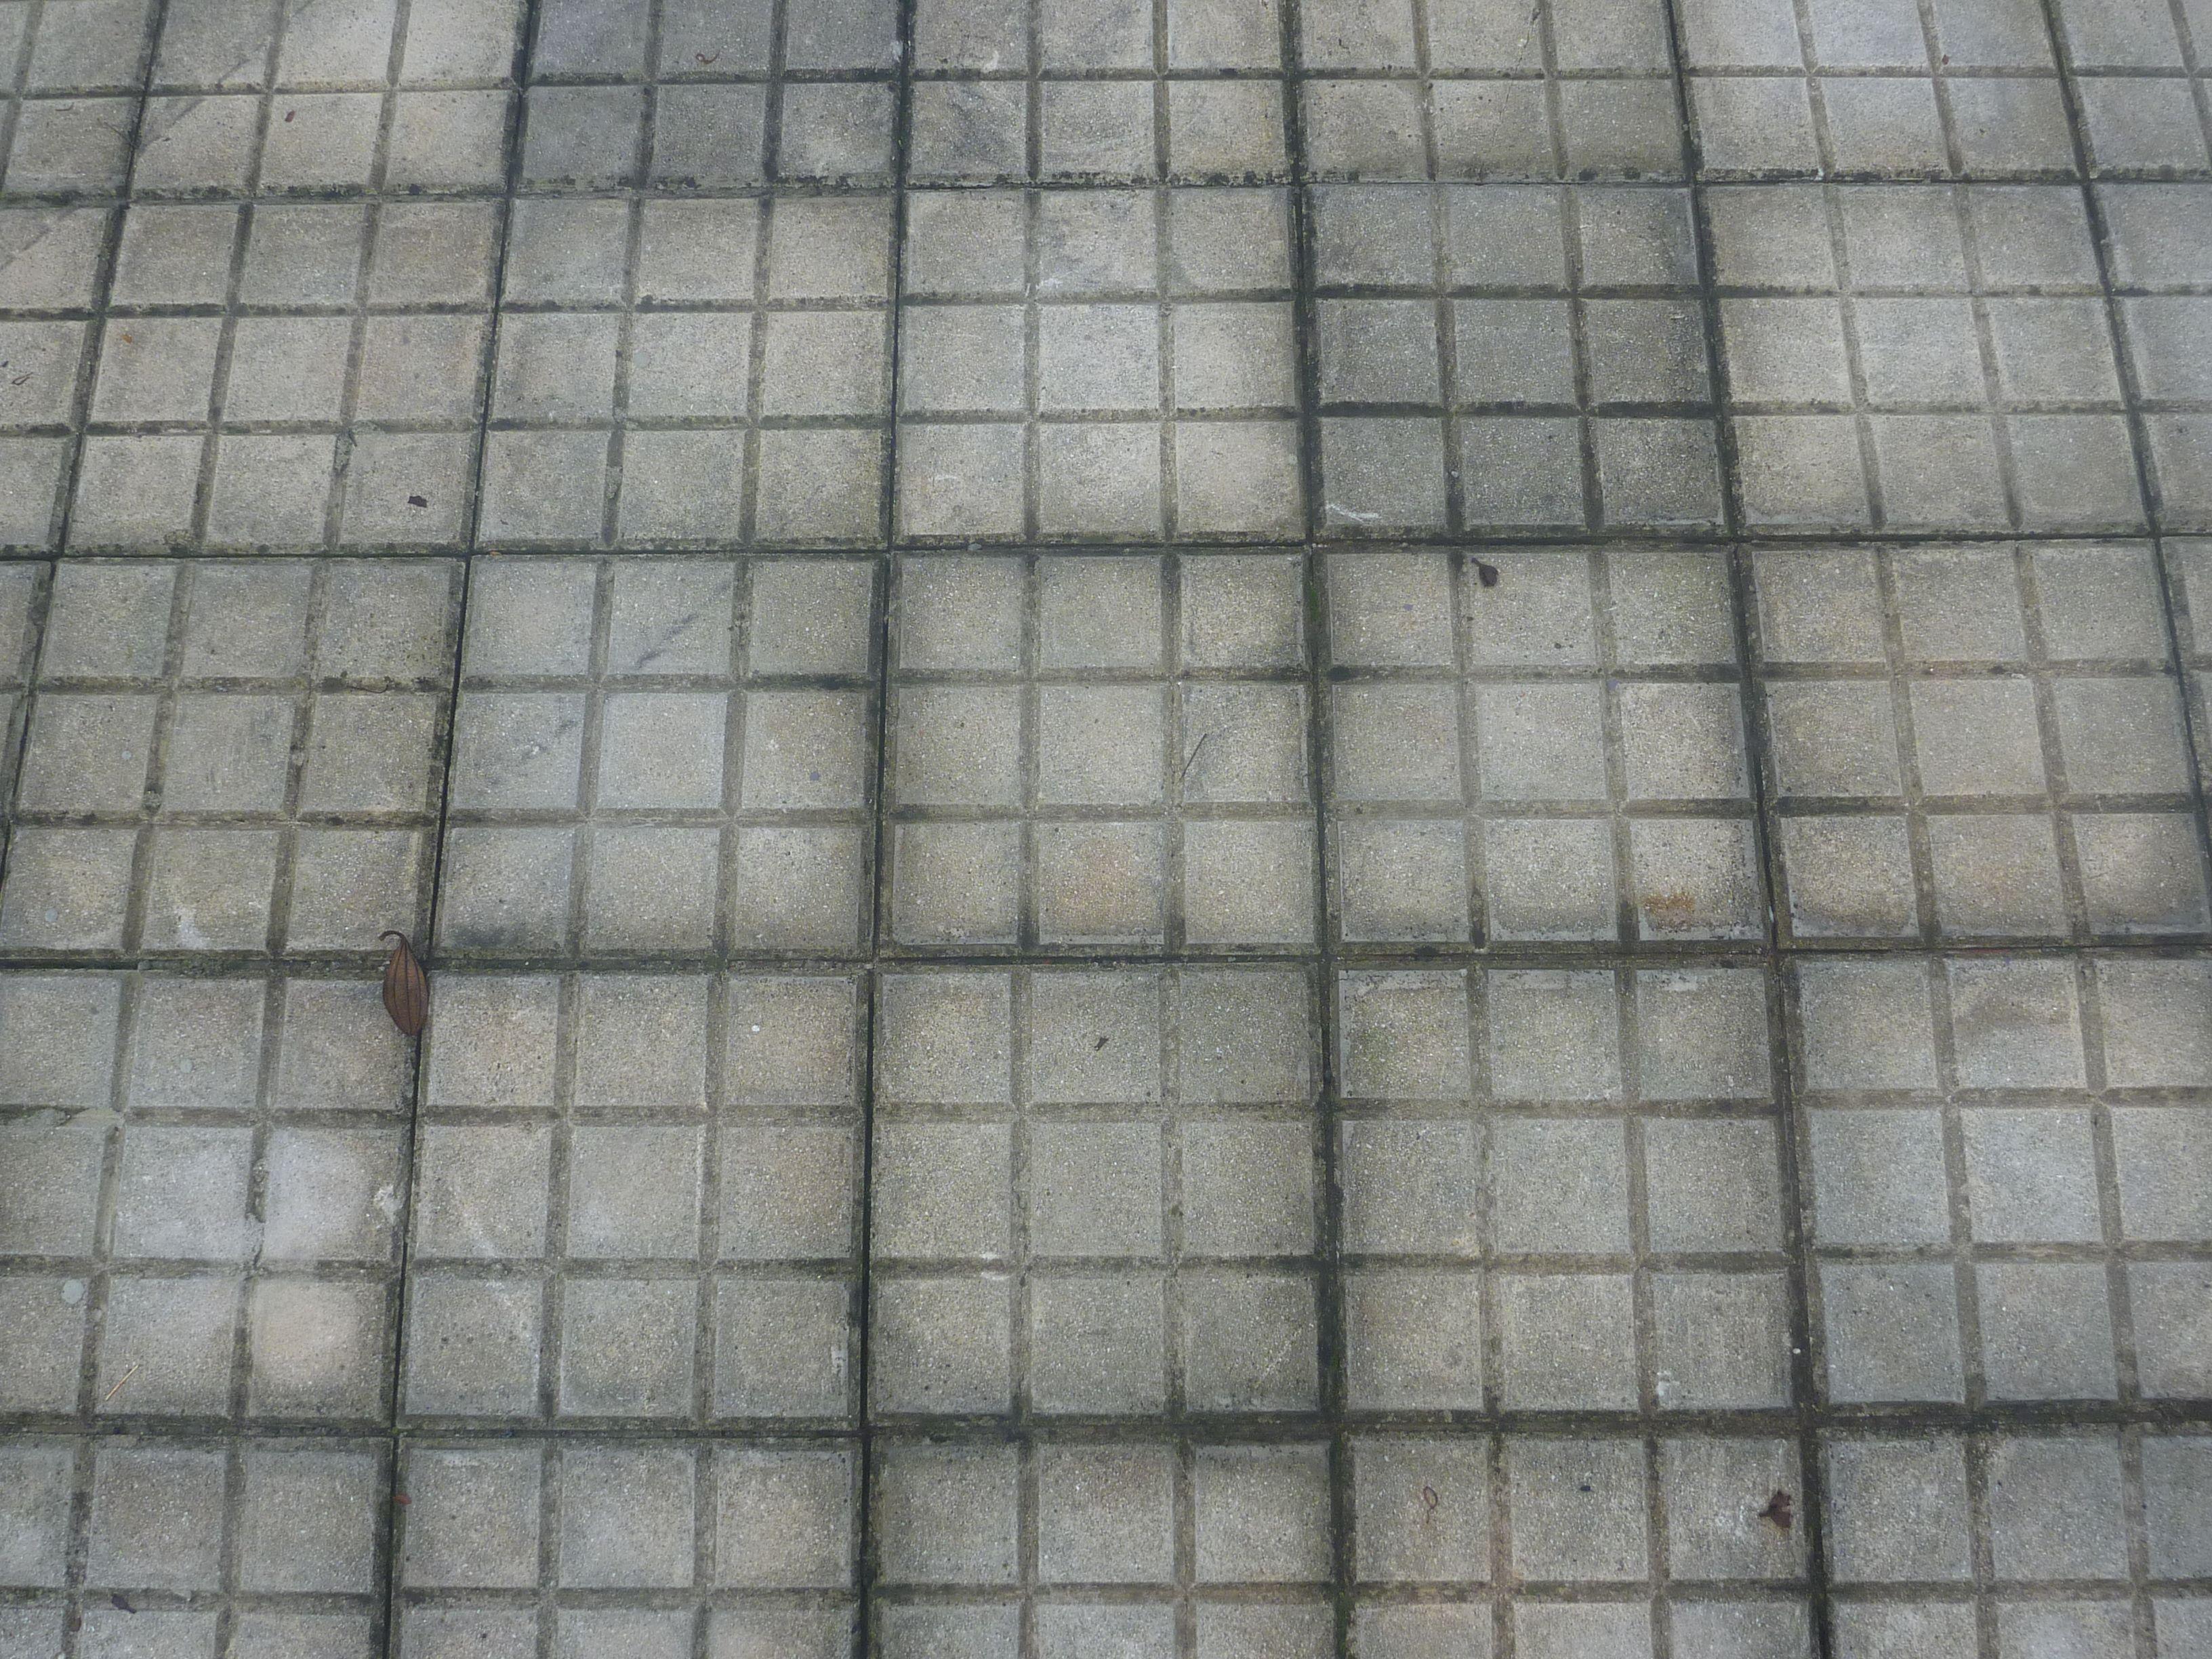 Rua José Salier Peixoto Texturas entre 7:00 e 7:30